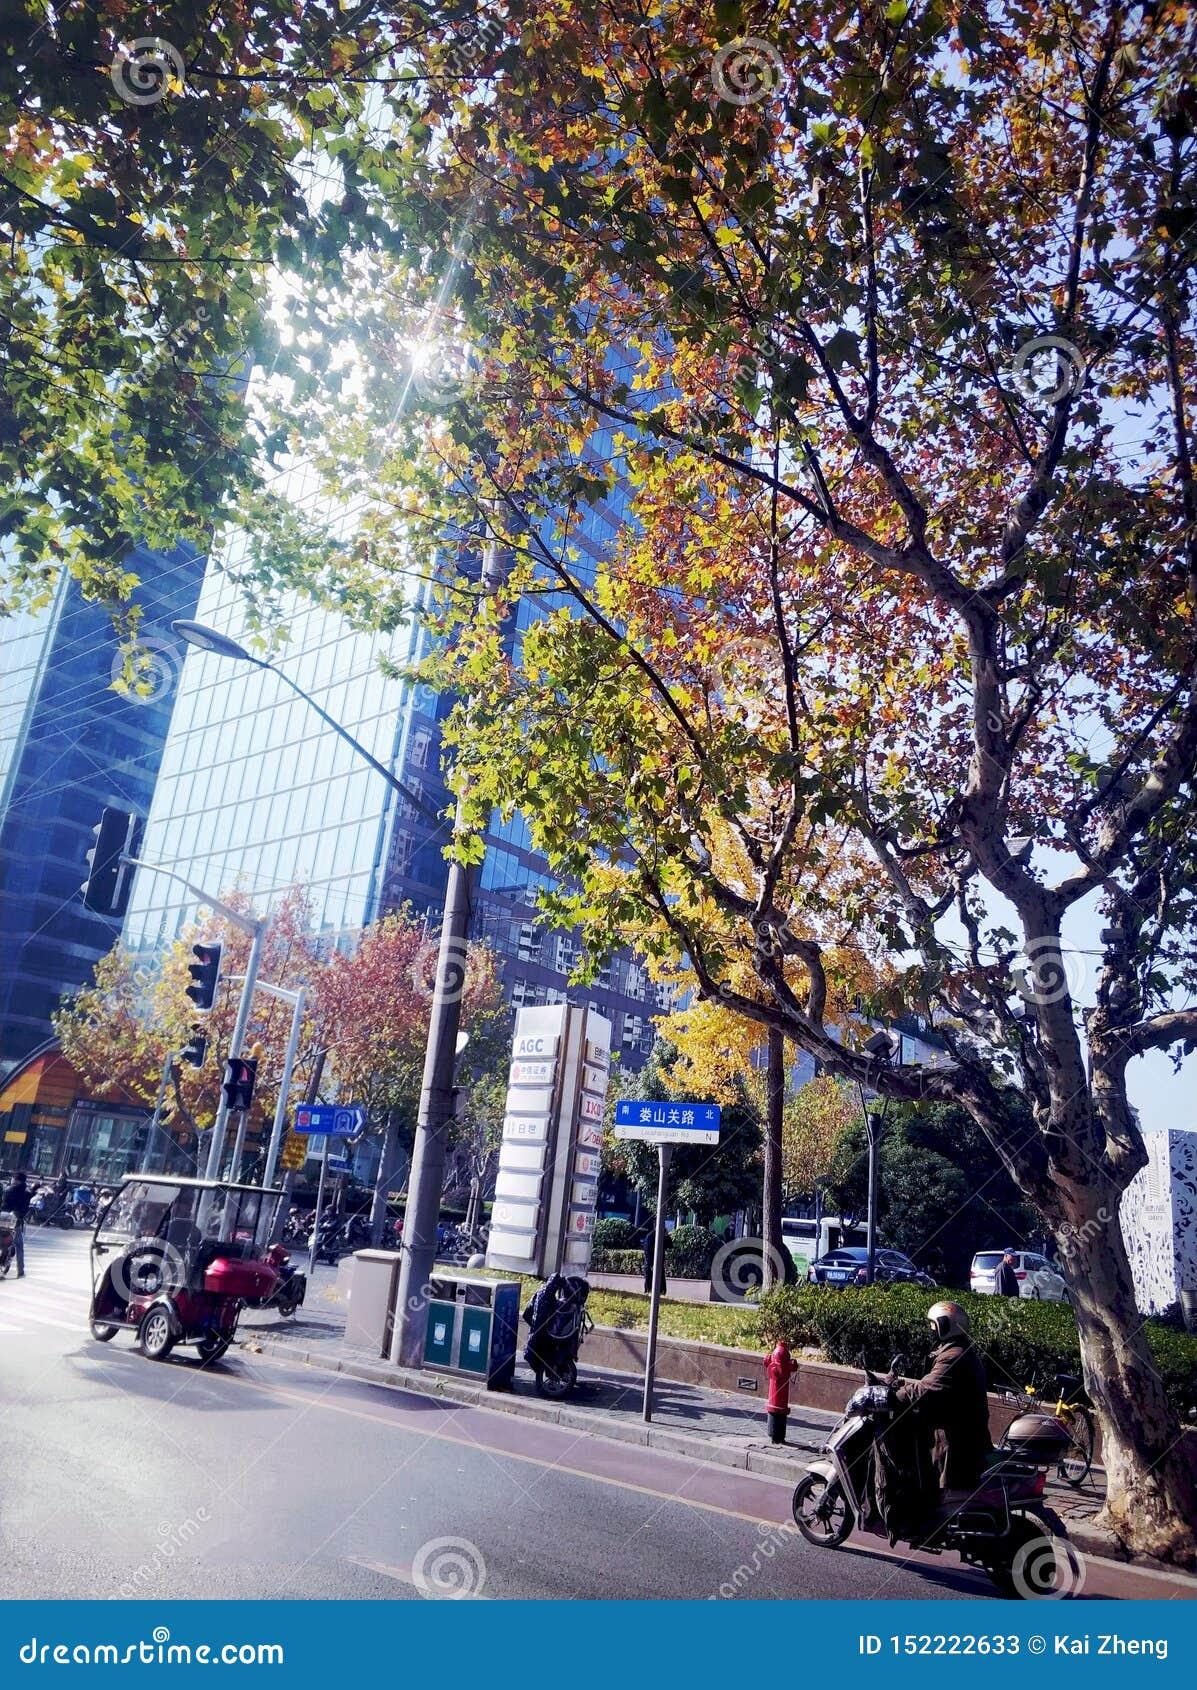 》 《RealChina-UrbanCityShanghai5- winterMorining